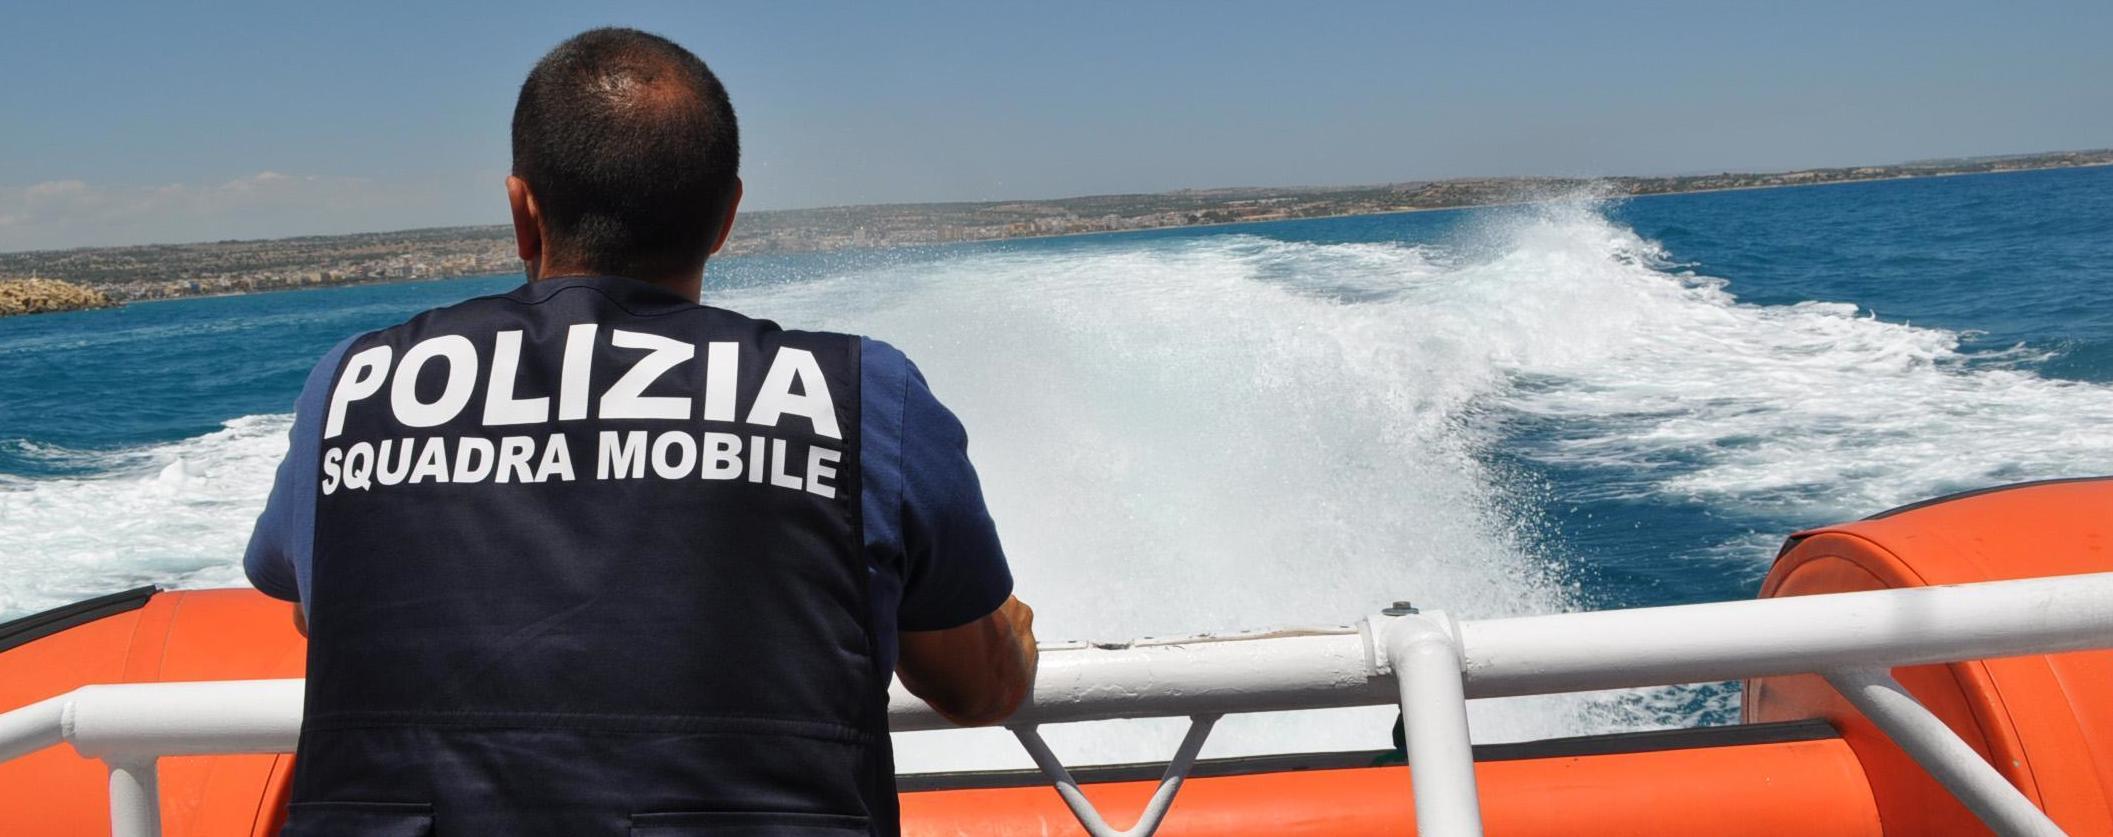 Polizia di pattuglia sul mare